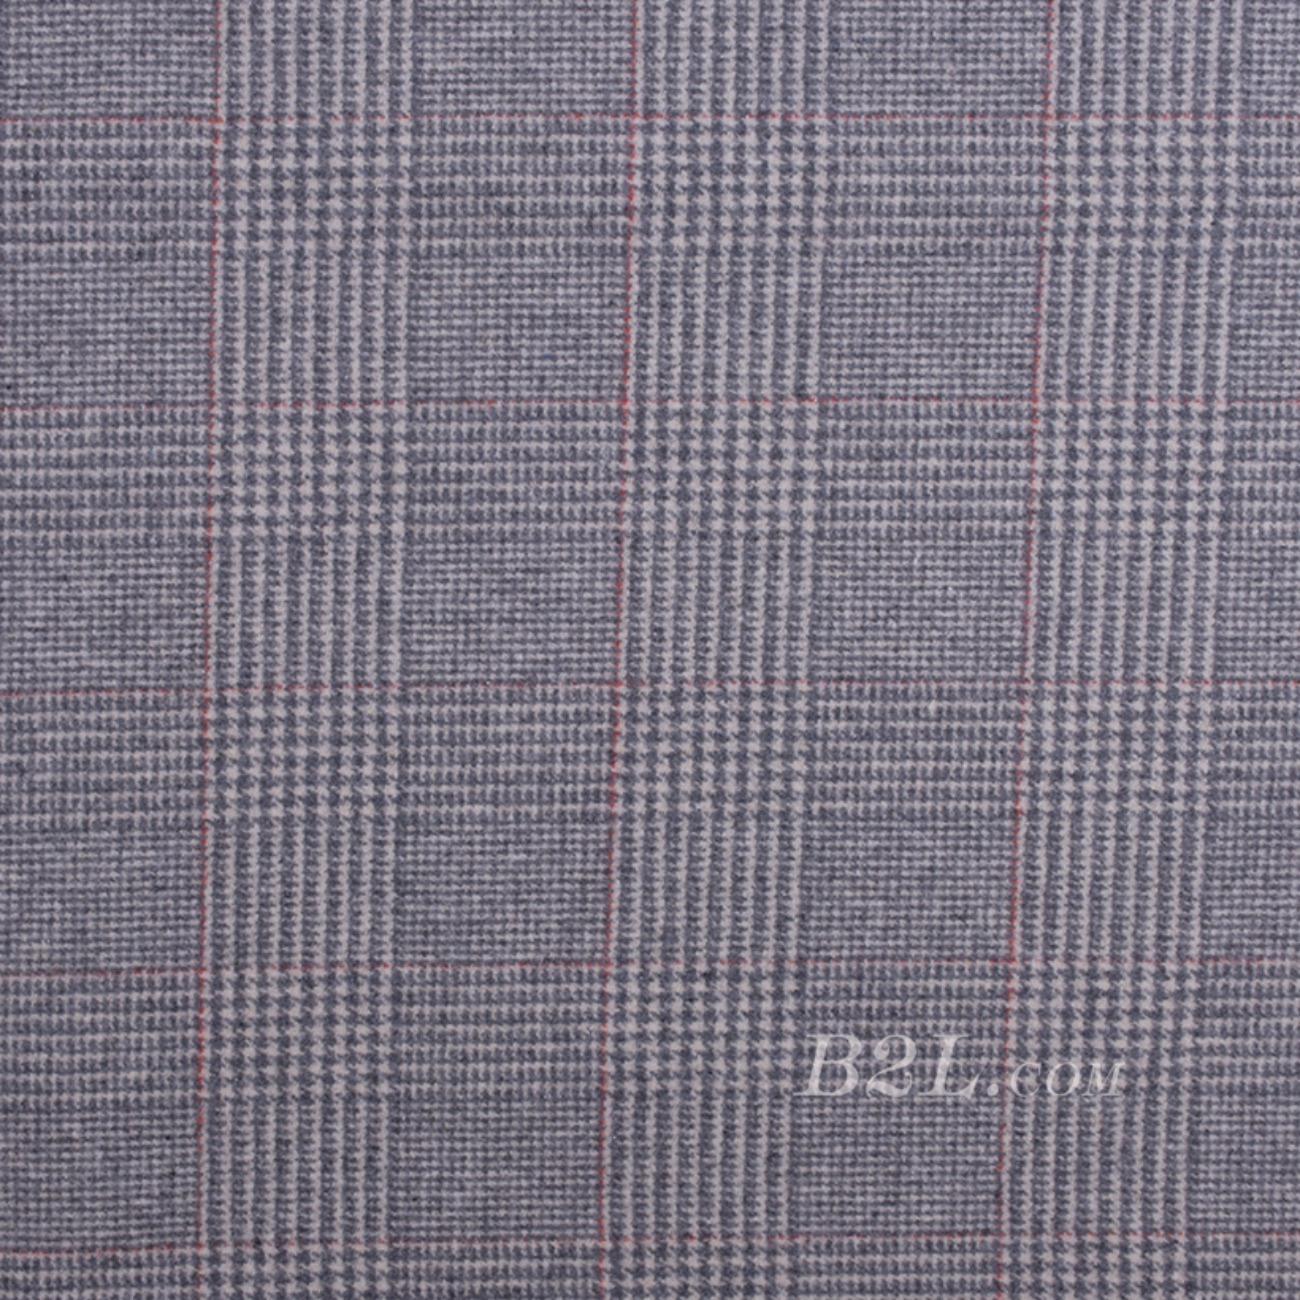 毛纺 格子 梭织 双面 低弹 羊毛 秋冬 大衣 外套 女装 80815-17